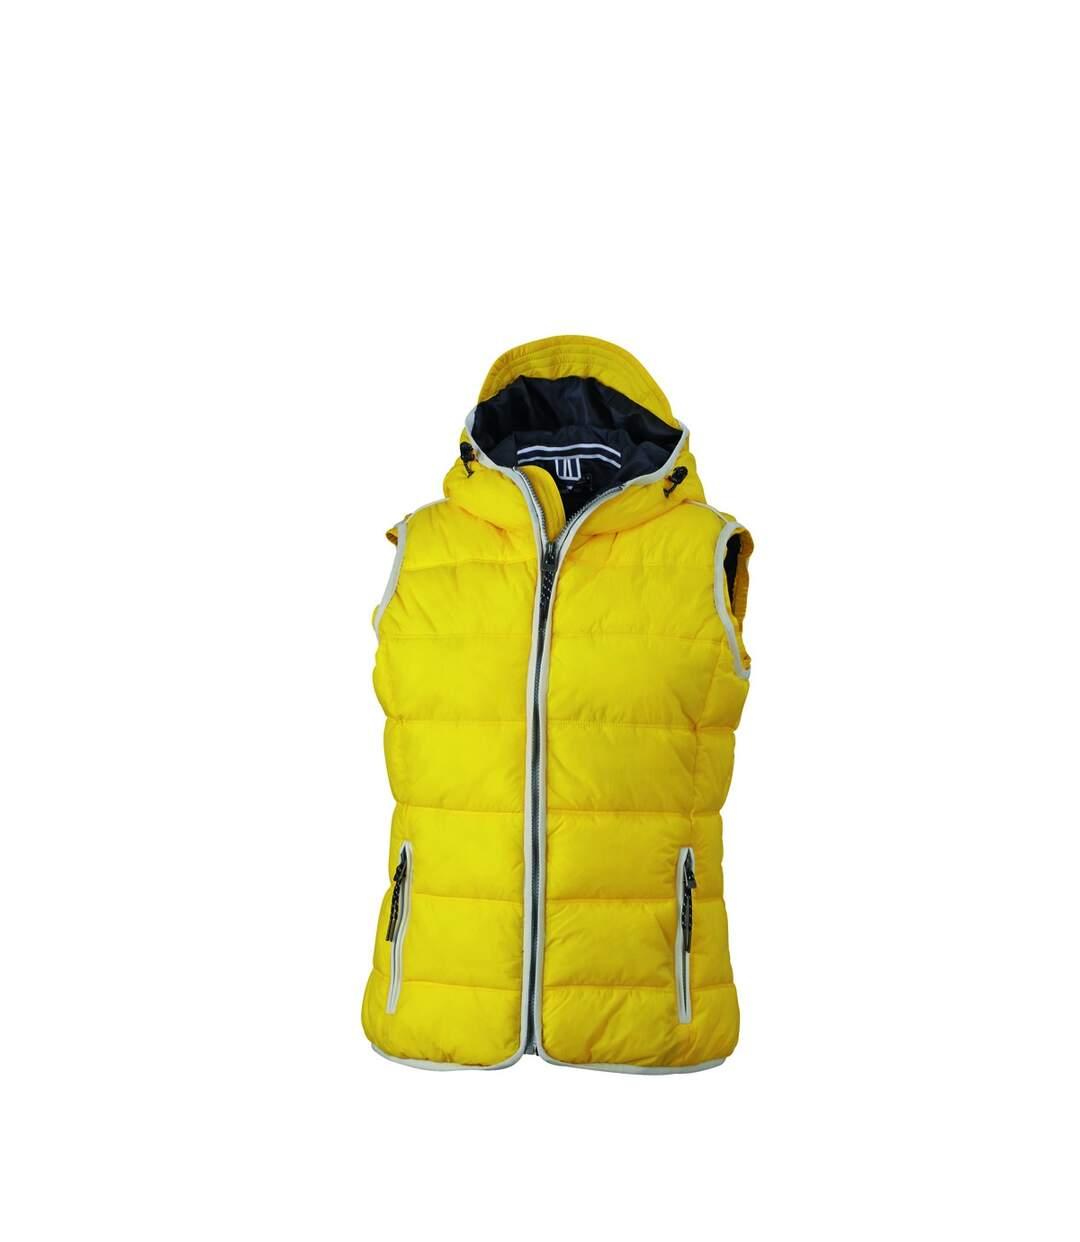 Doudoune sans manches pour femme - JN1075 - jaune soleil